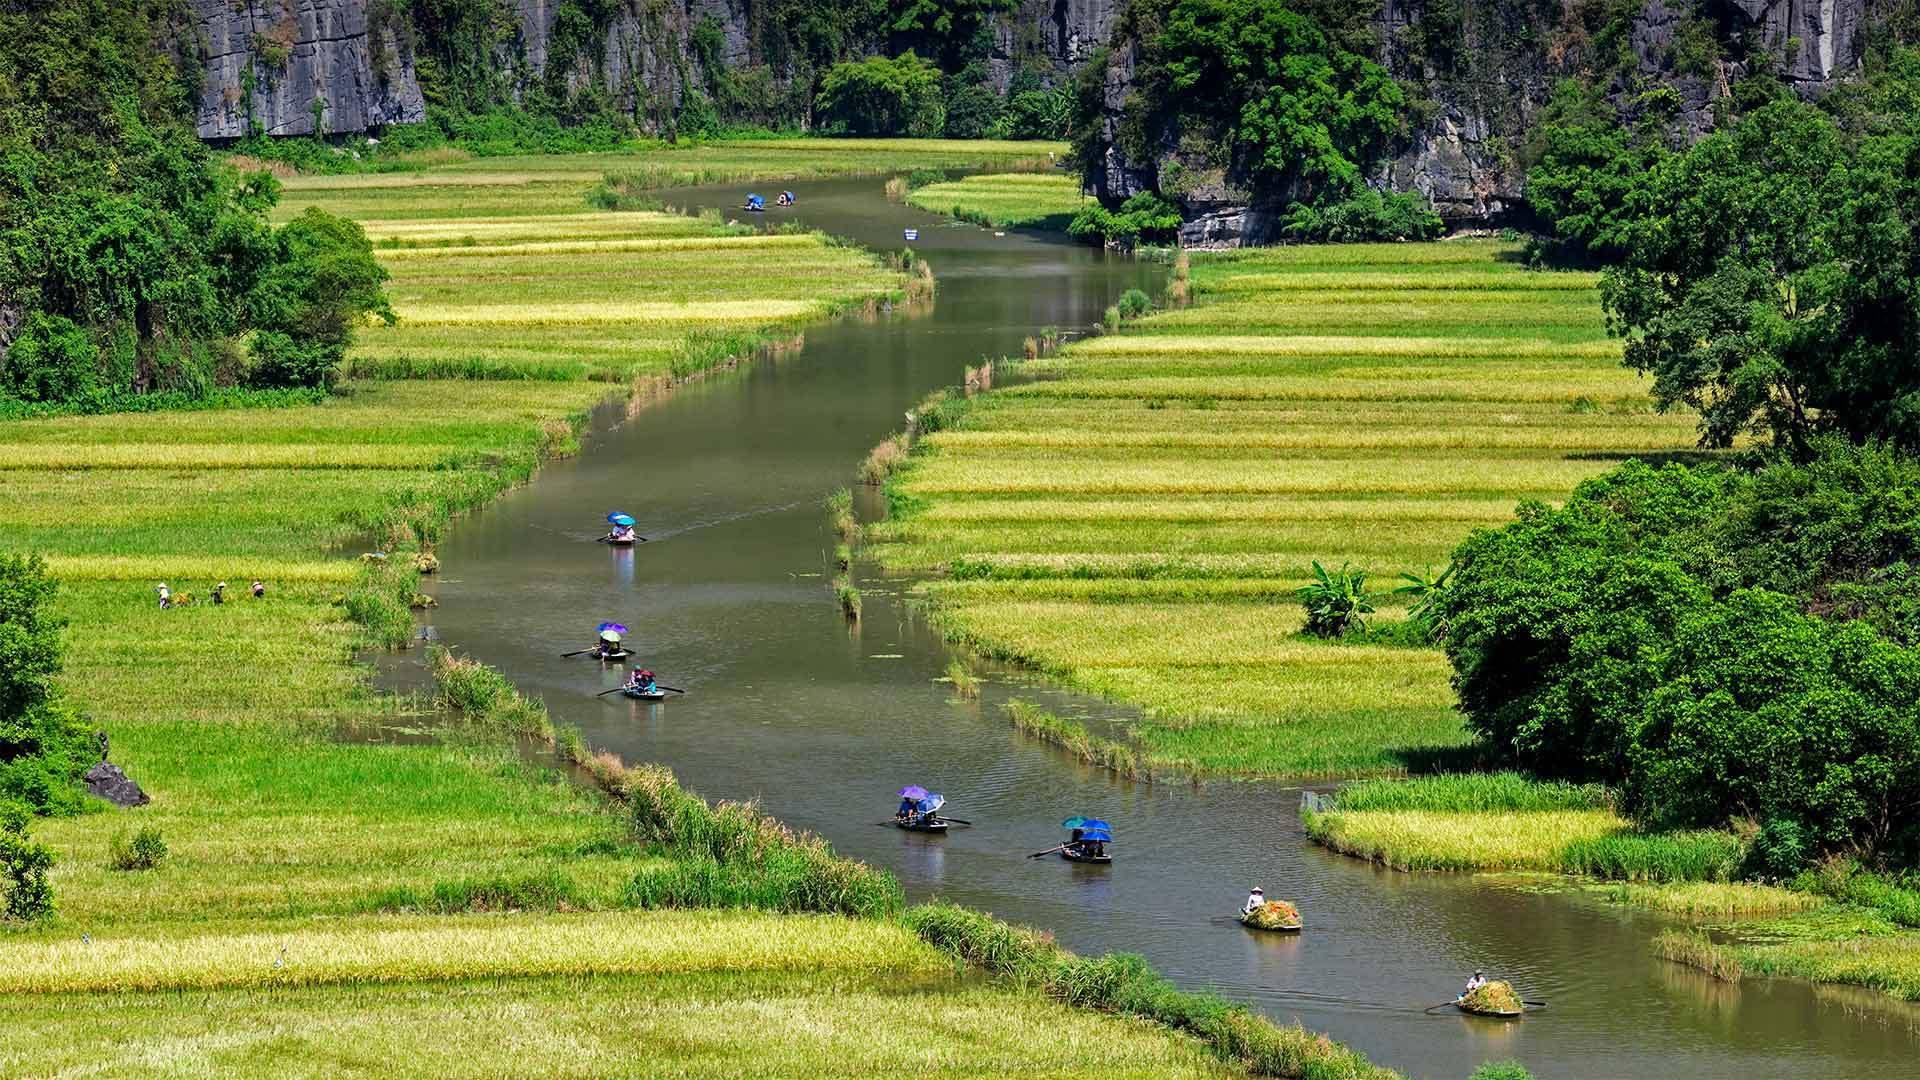 越南宁平吴东河两岸的稻田美景越南宁平